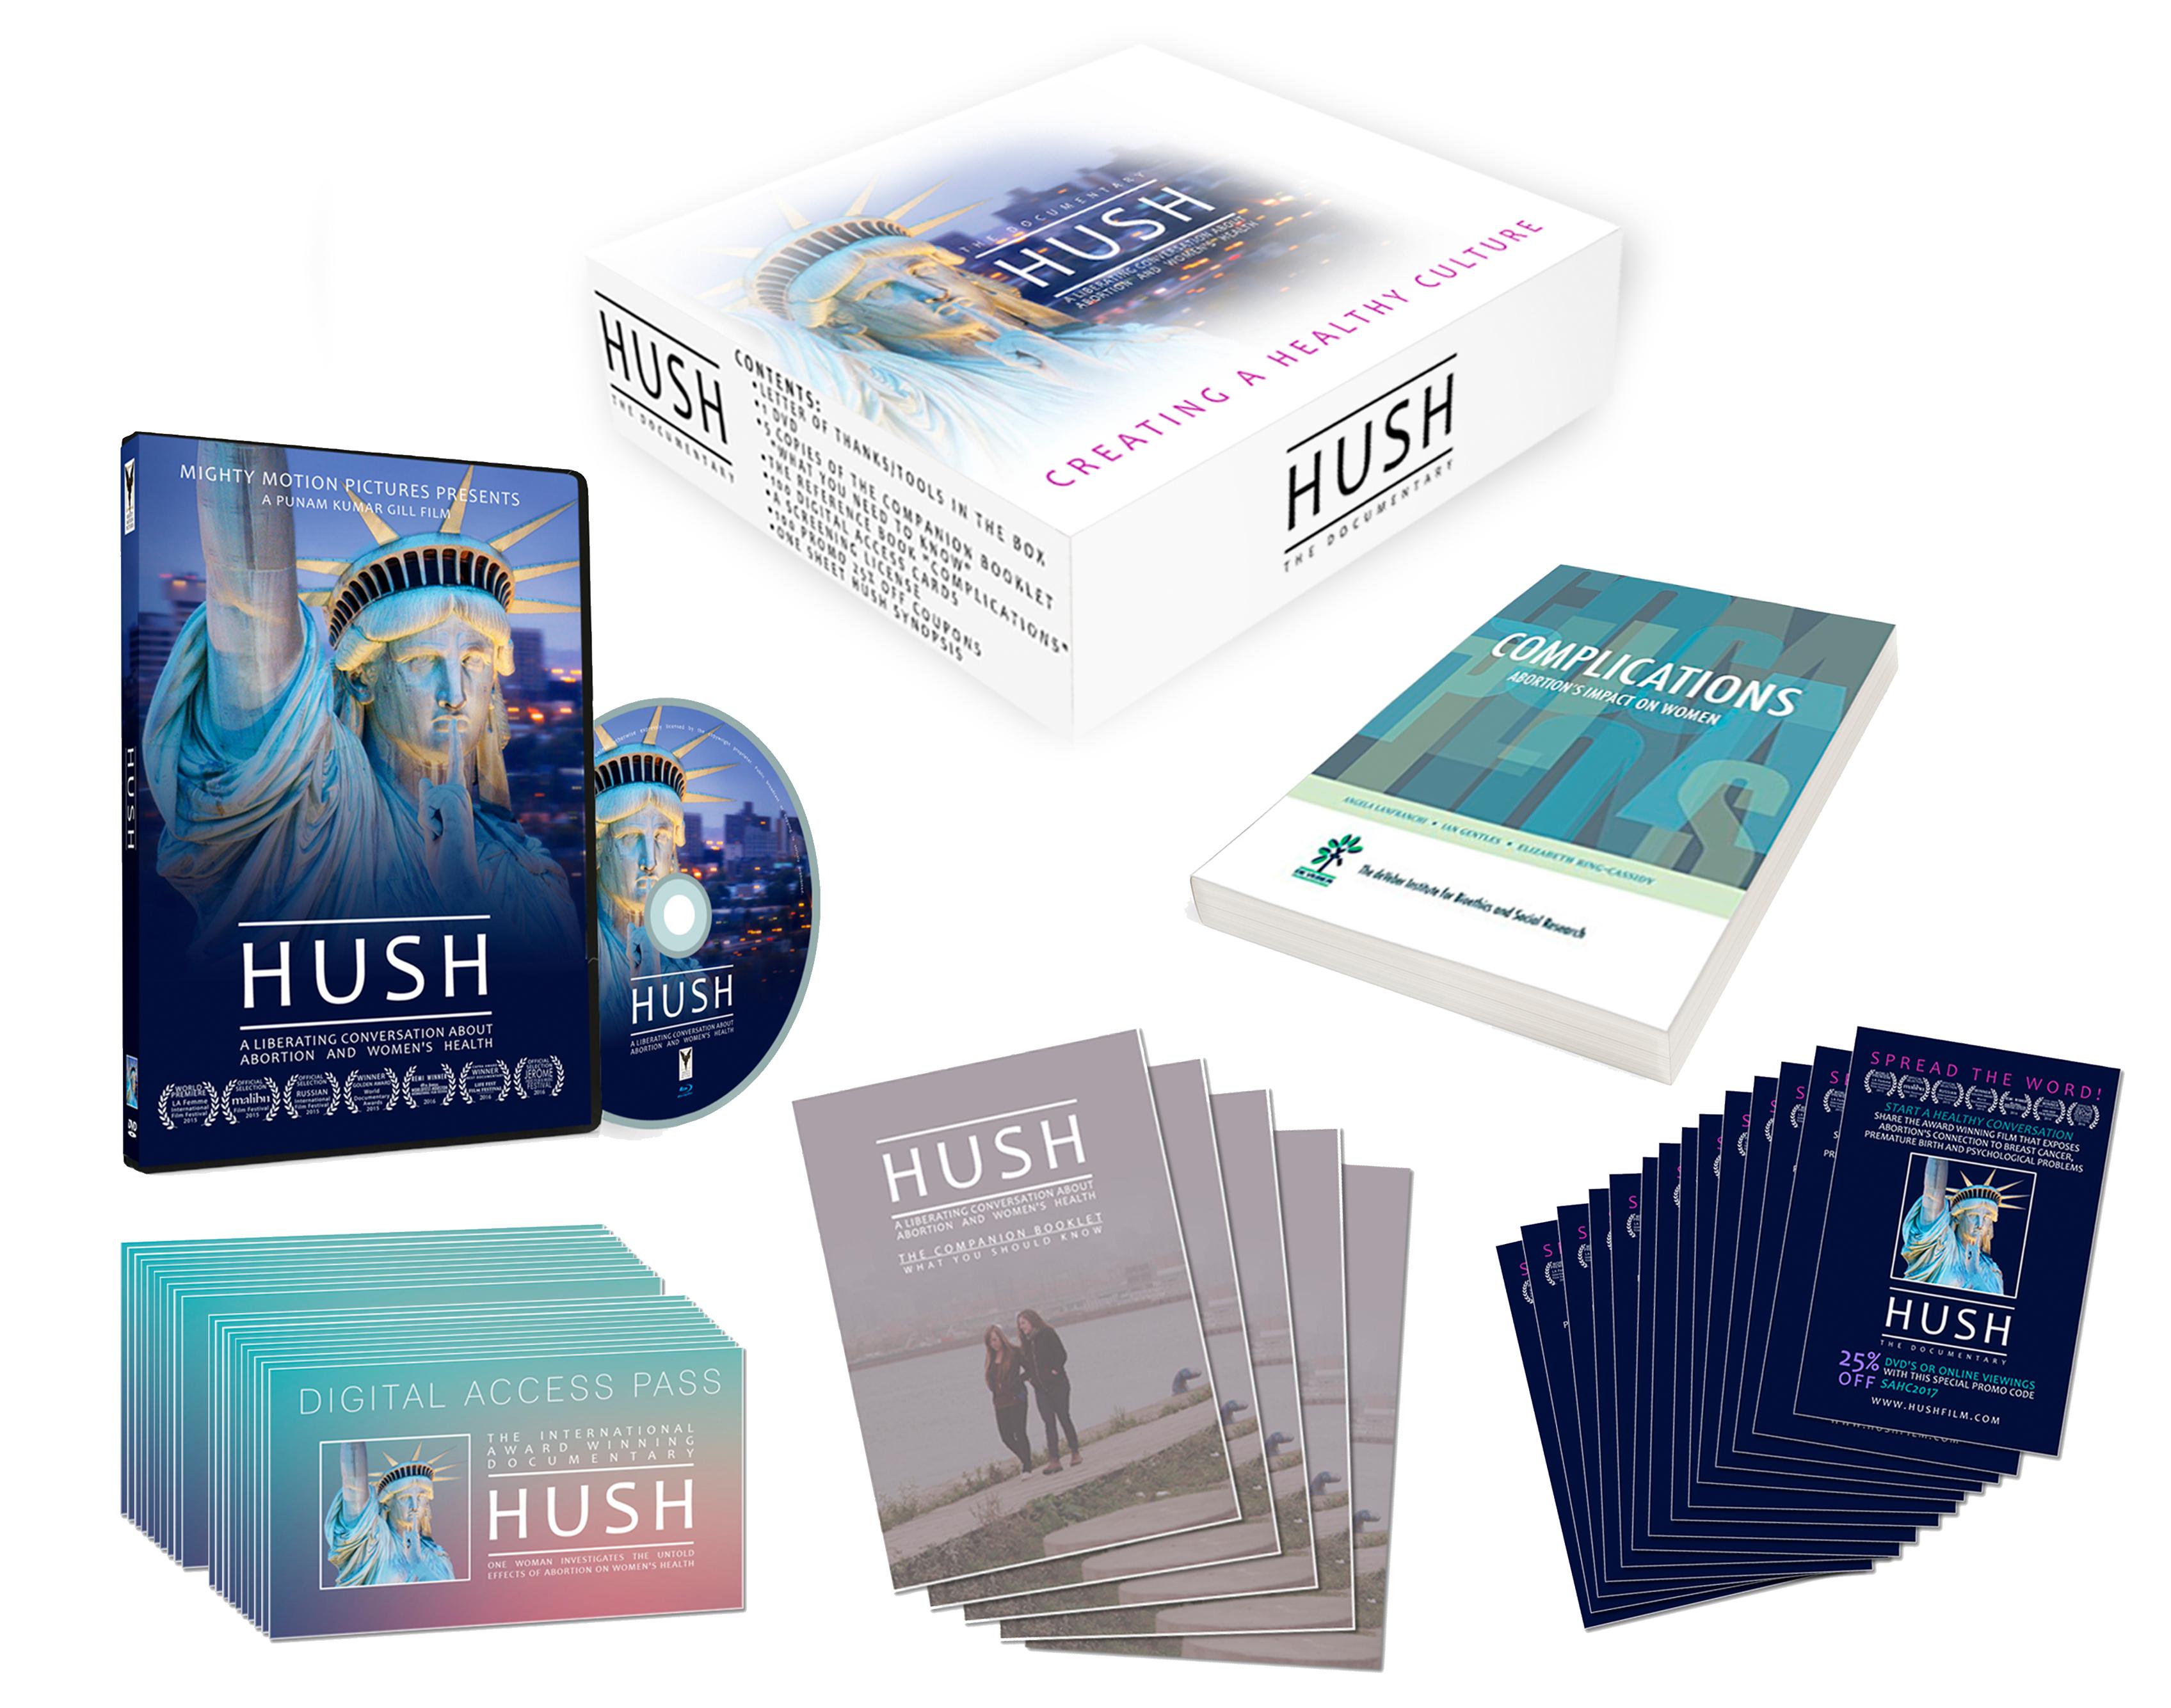 hush-largebundle.png